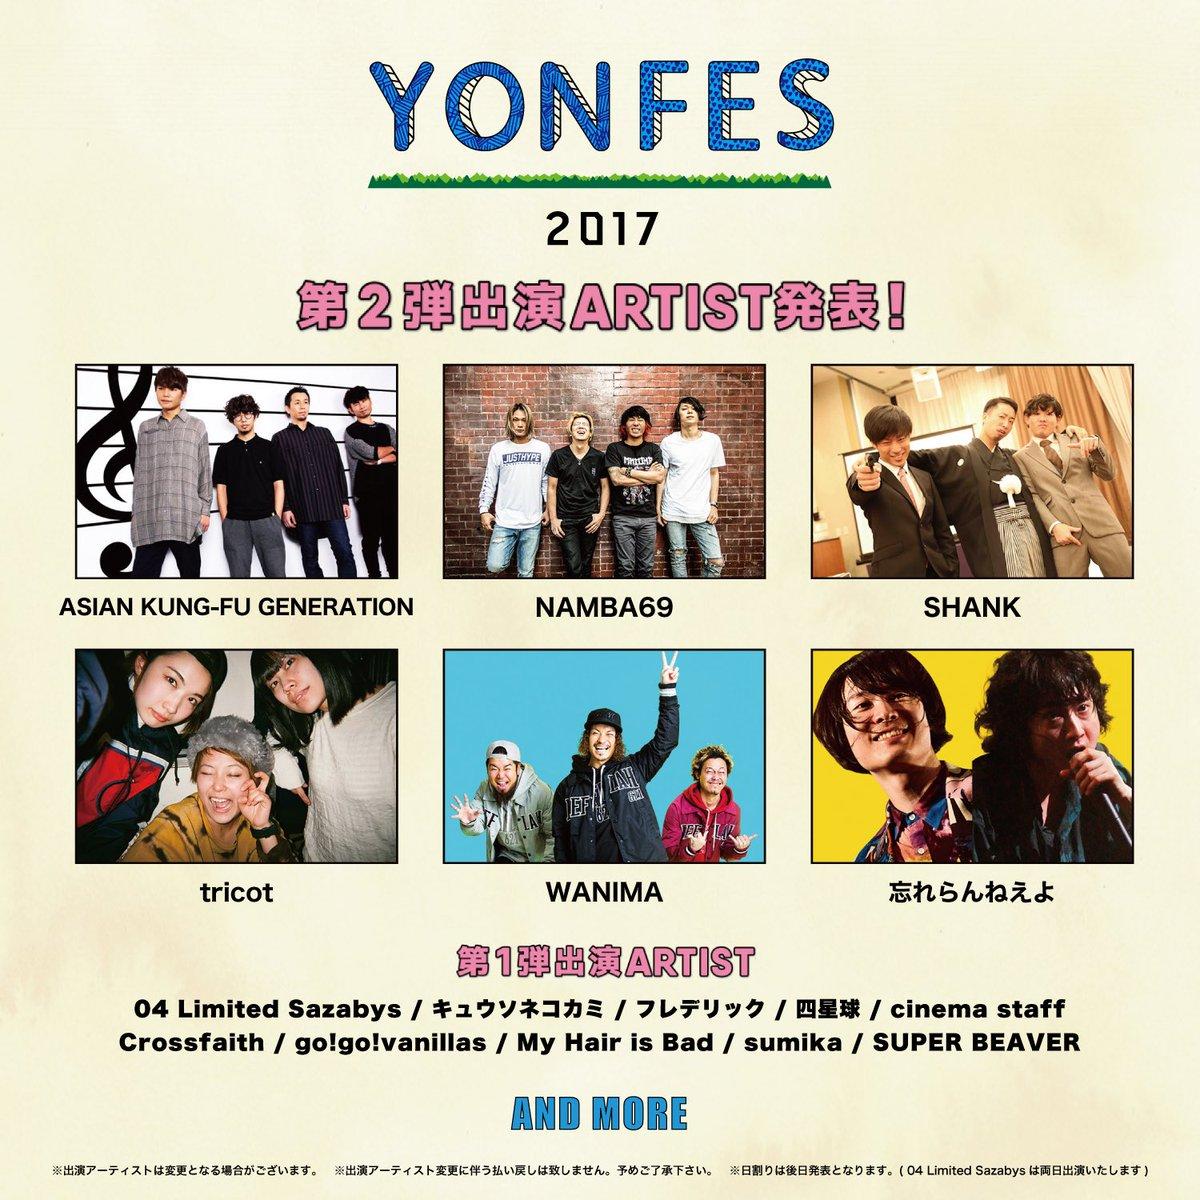 【第2弾アーティスト解禁!】 ■2017/4/1(土)2(日) YON FES 2017  第2弾出…